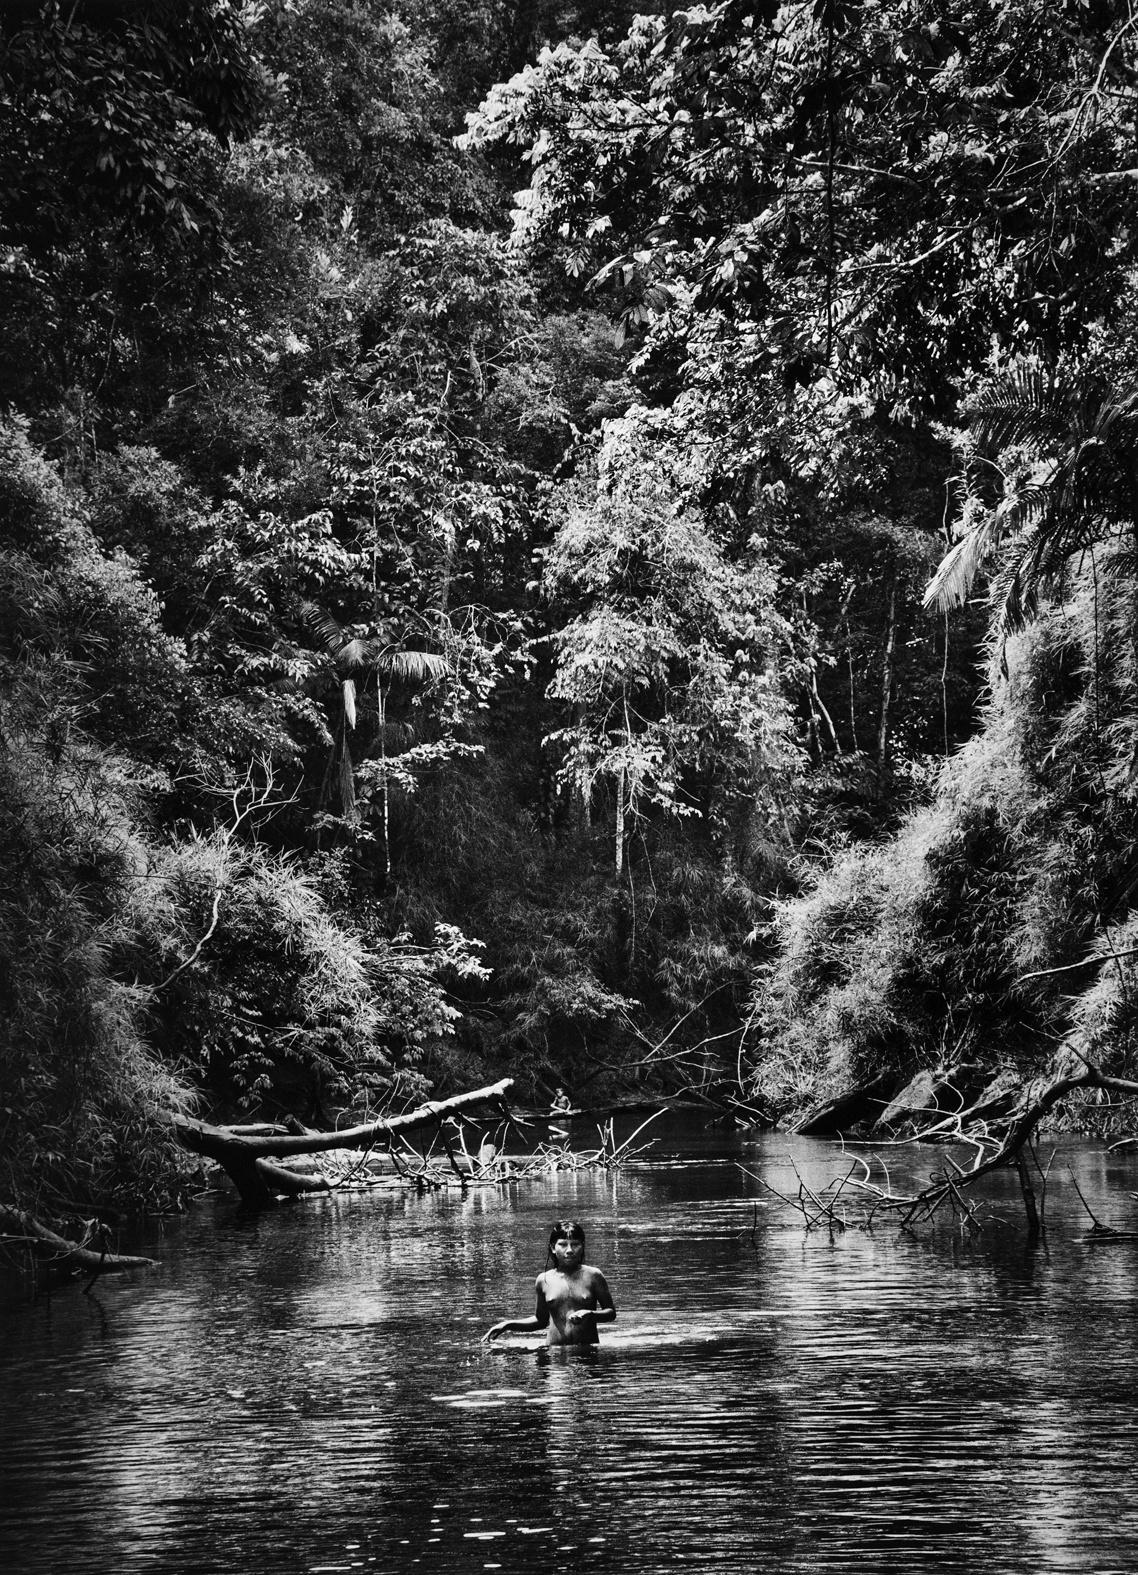 Sebastião Salgado: Suruwaha, Amazonas, Brazil, 2017